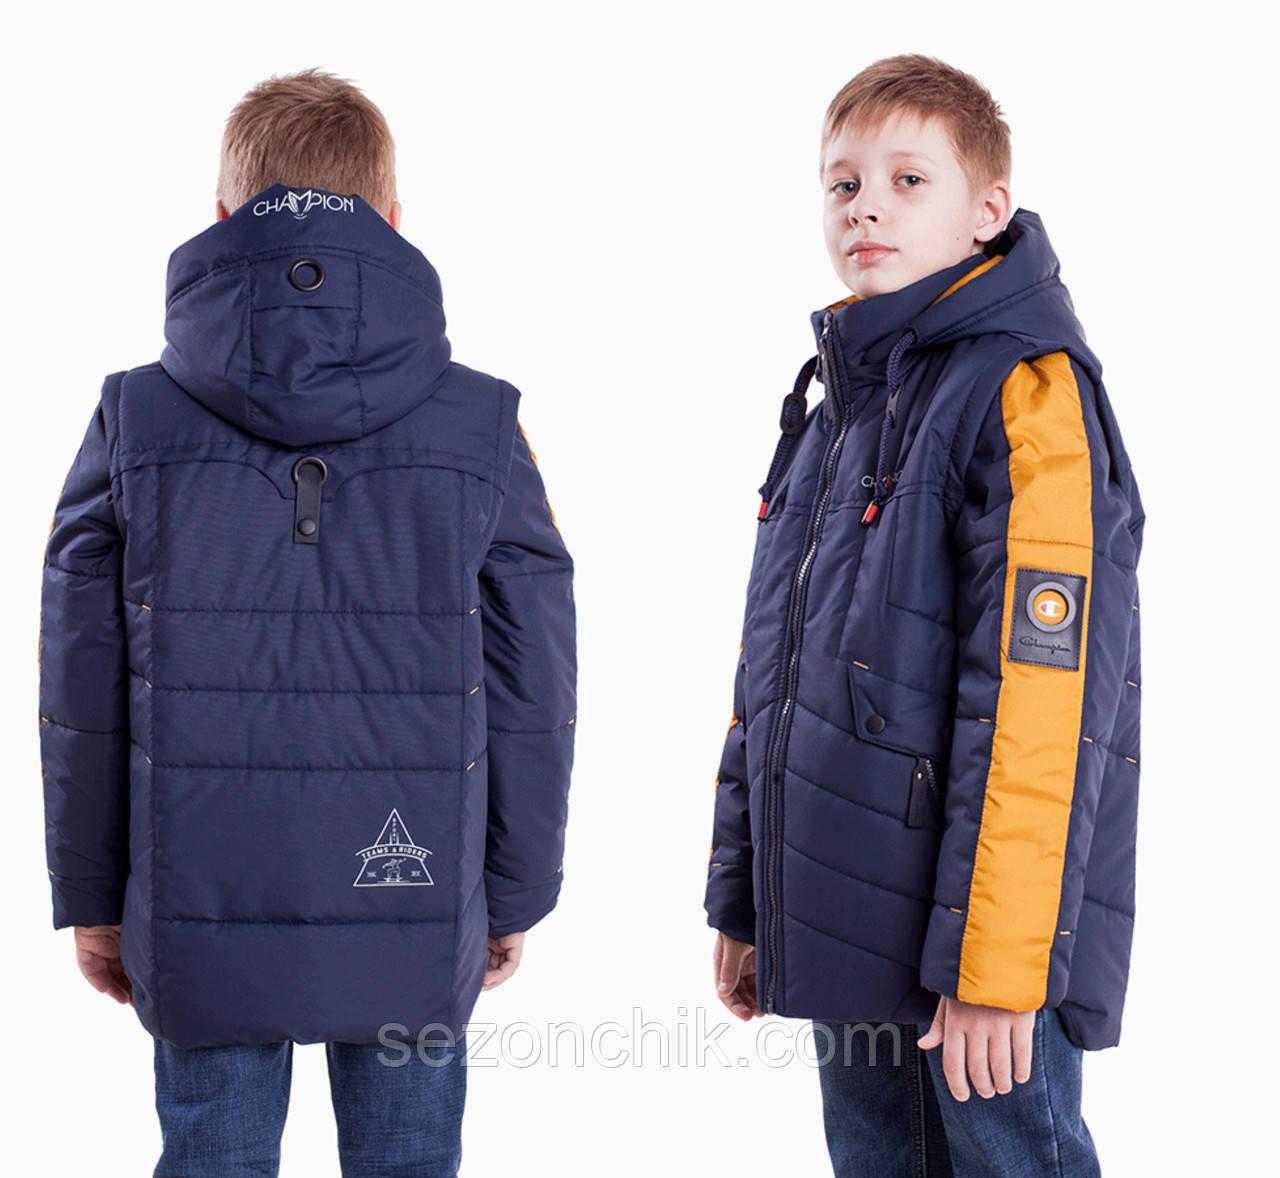 Куртка жилетка на мальчика демисезонная от производителя